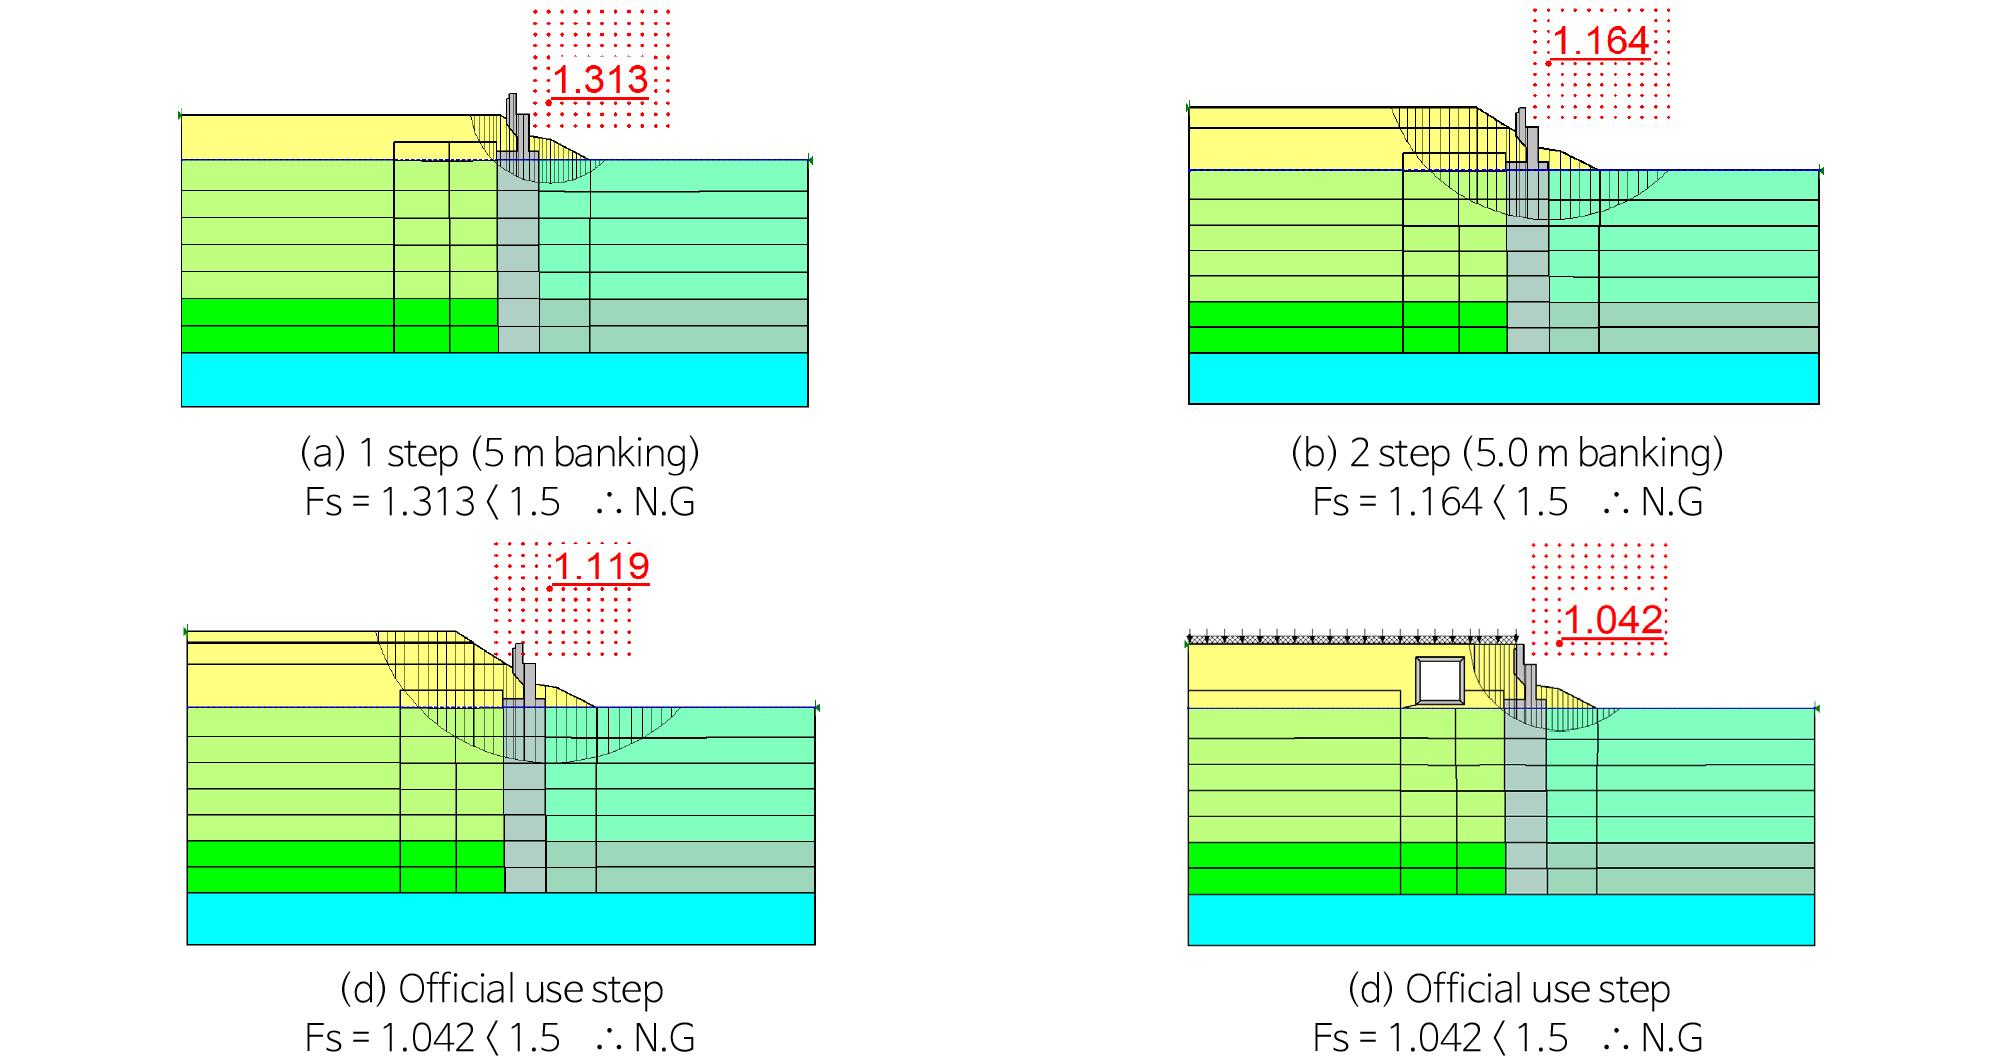 http://static.apub.kr/journalsite/sites/kseg/2020-030-02/N0520300202/images/kseg_30_02_02_F5.jpg